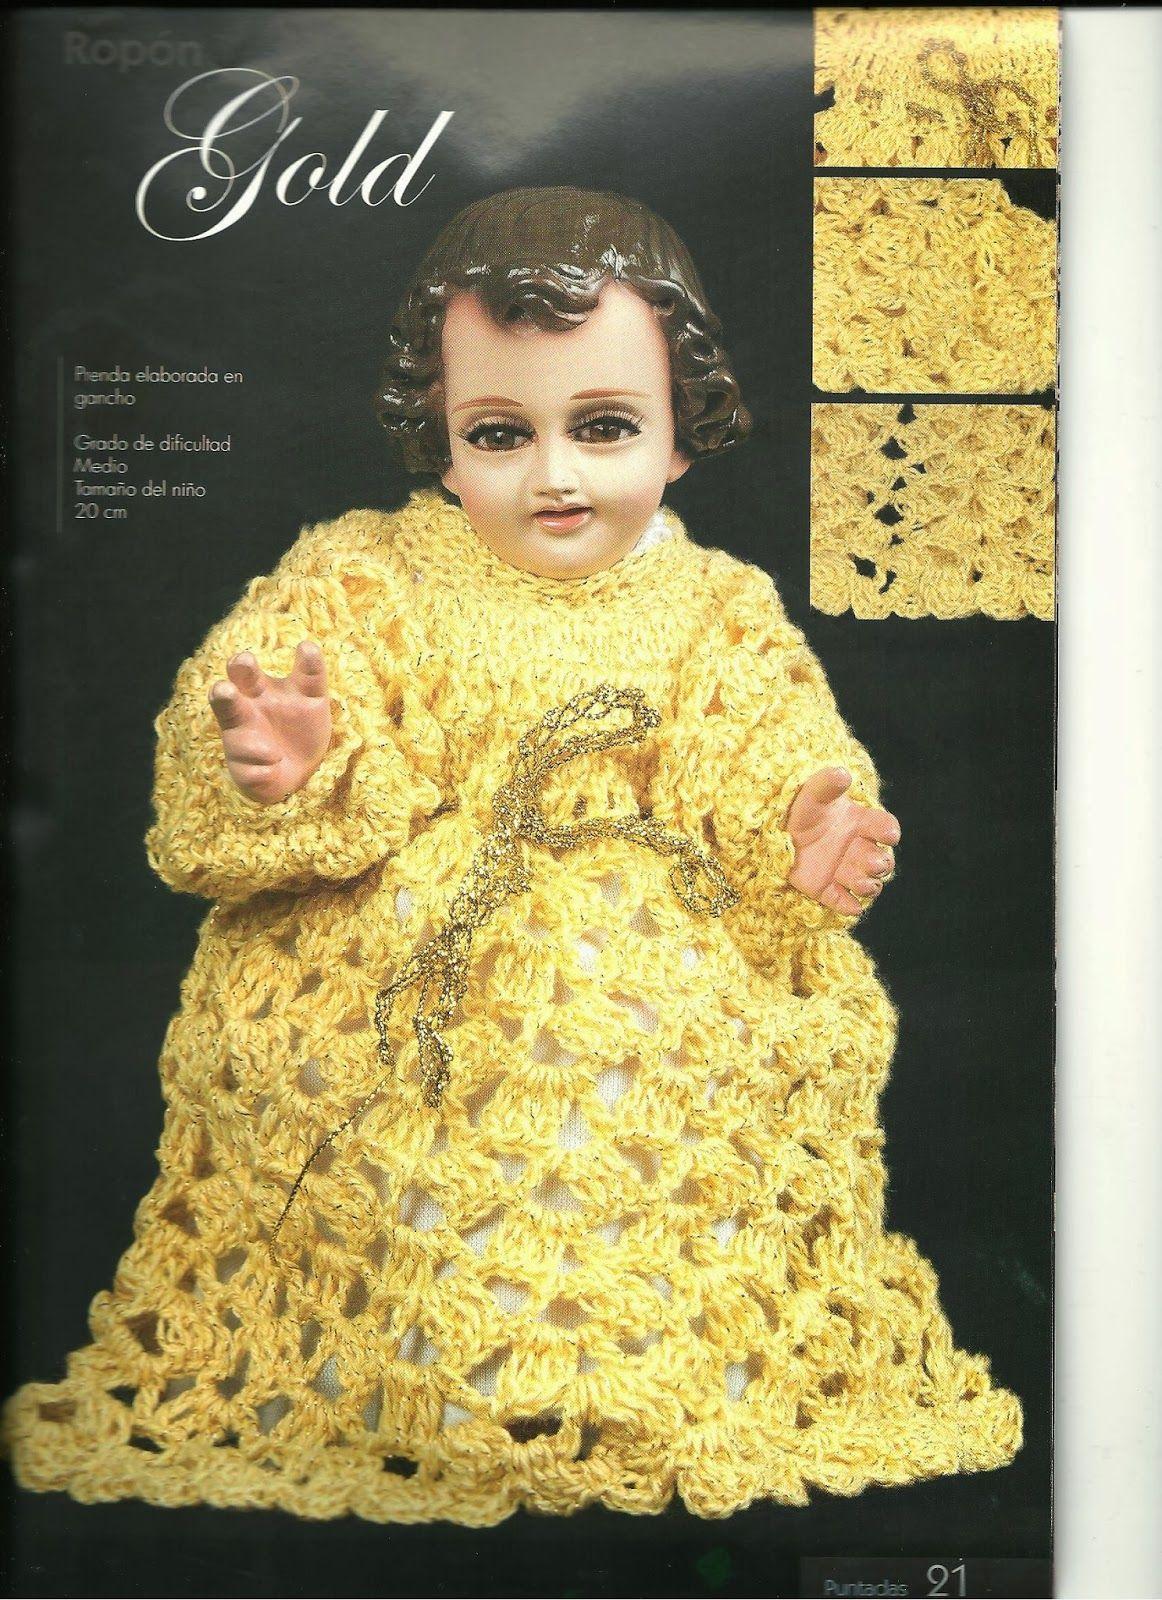 teje vestido de niño dios a gancho esquemas y patrones | ropita niño ...